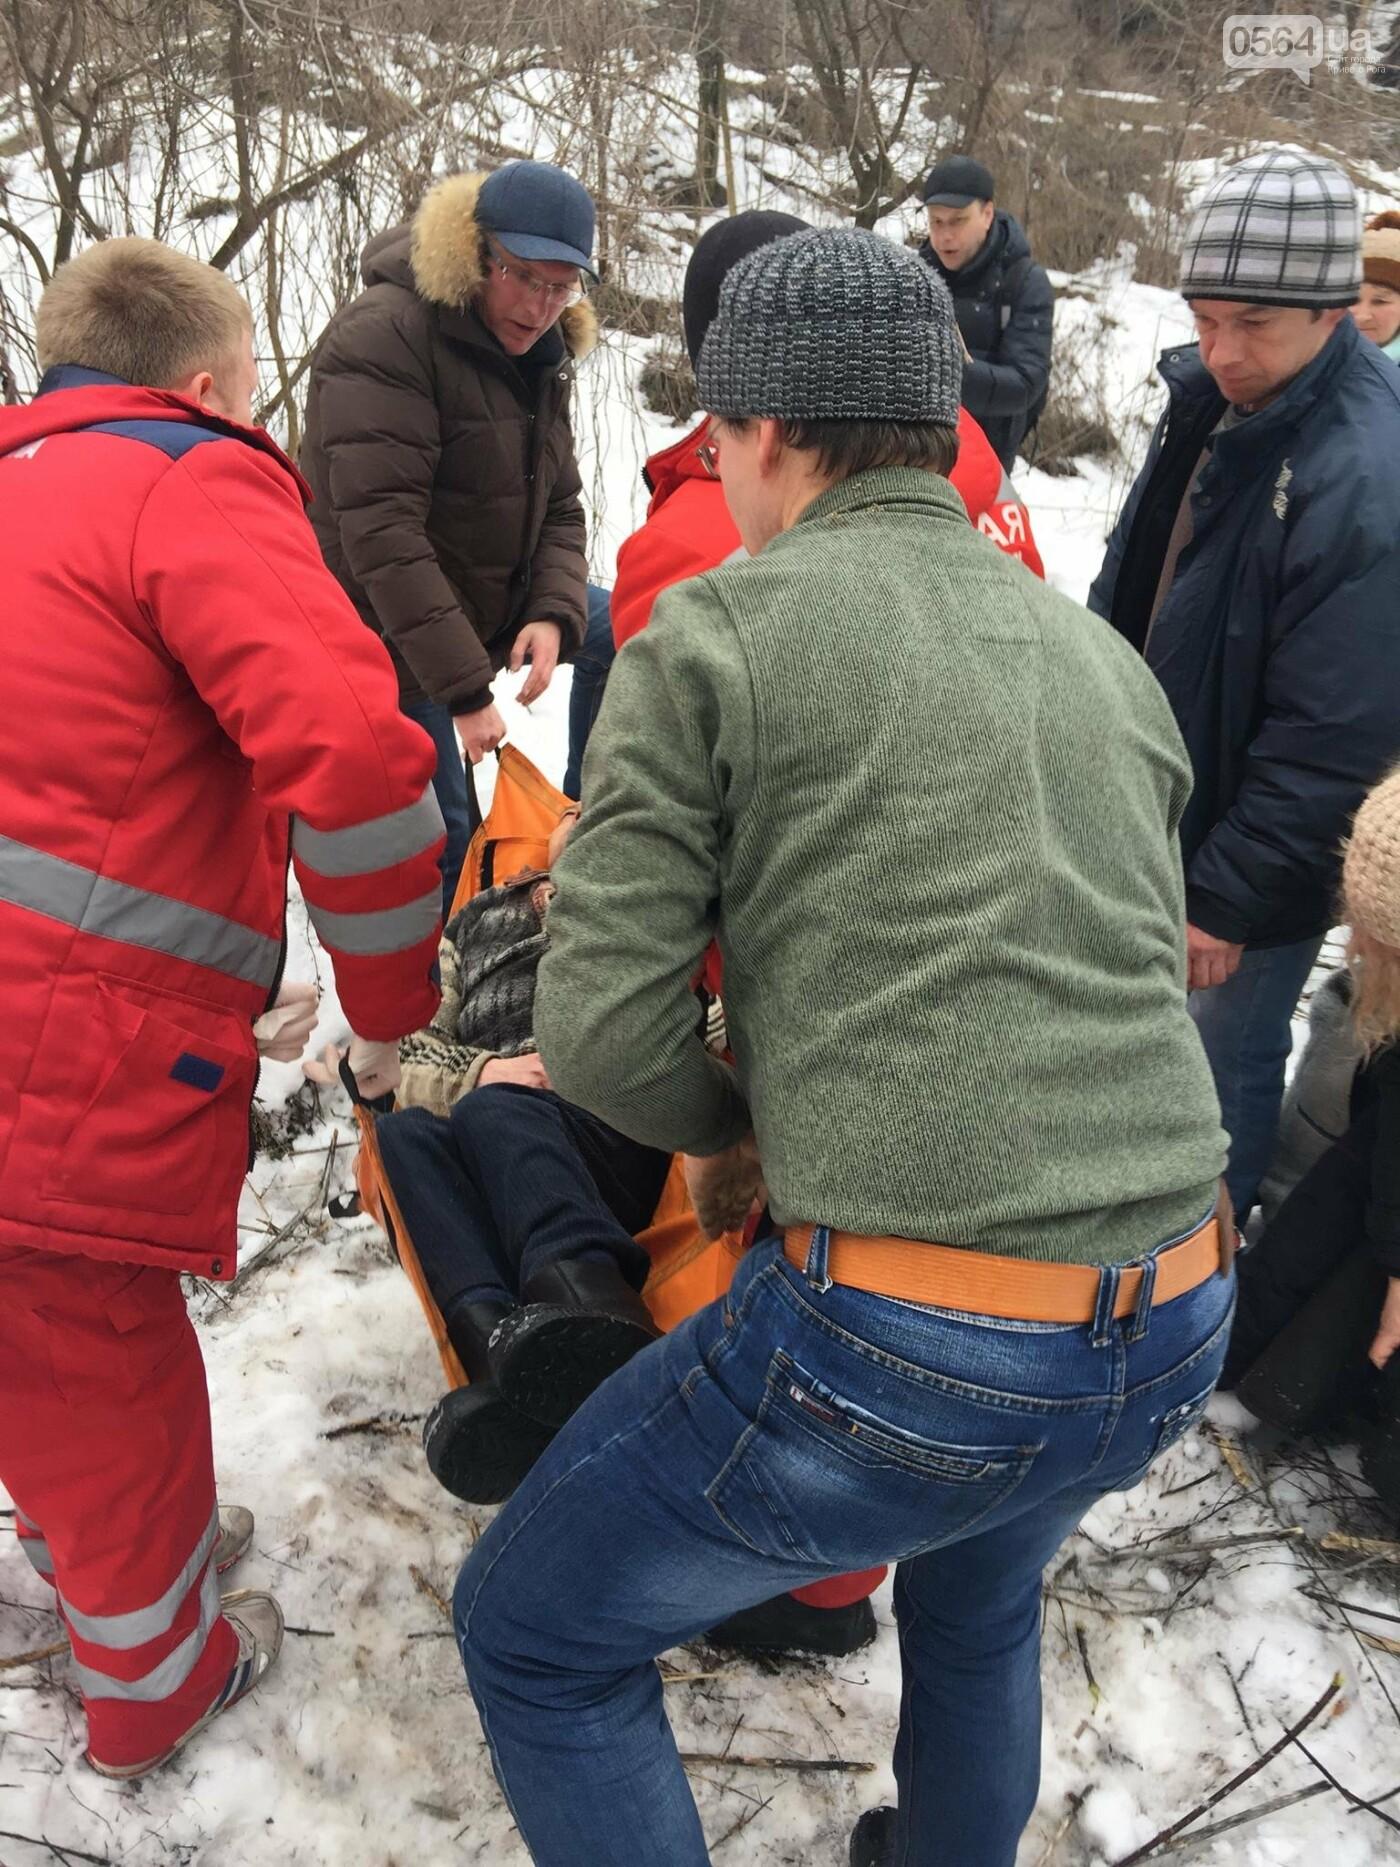 Неравнодушные жители Кривого Рога помогли в поисках мужчины, провалившегося в яму в районе станции скоростного трамвая (ФОТО), фото-2